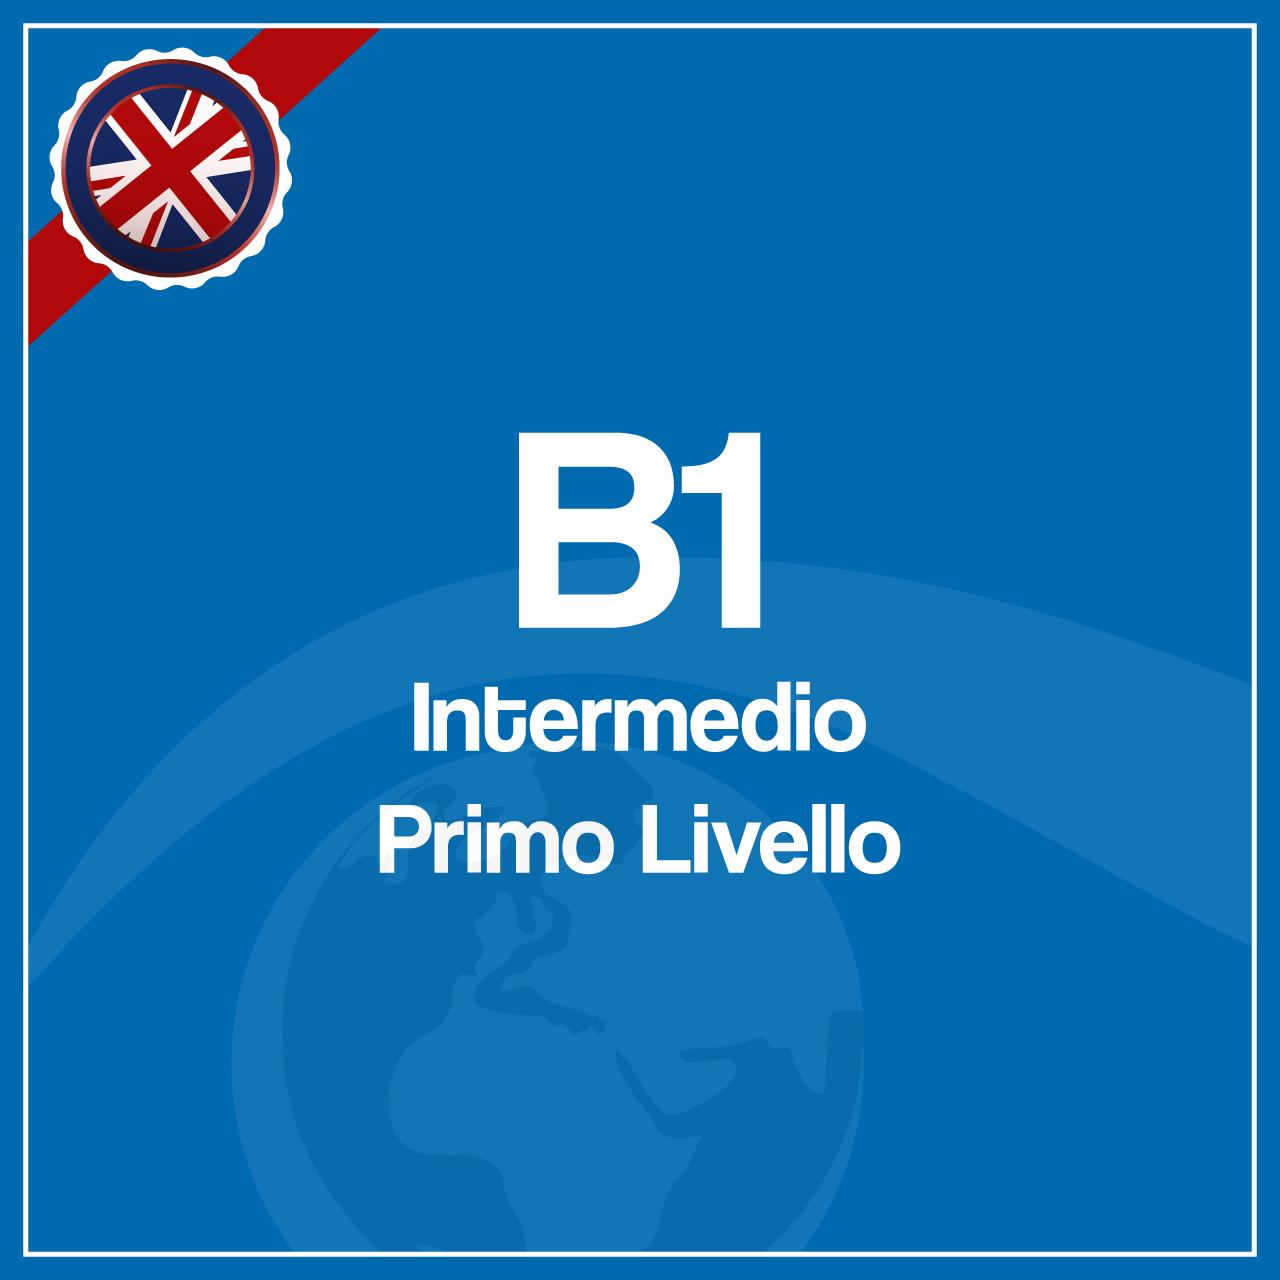 Corso B1 – Primo Livello Intermedio – Collettivo